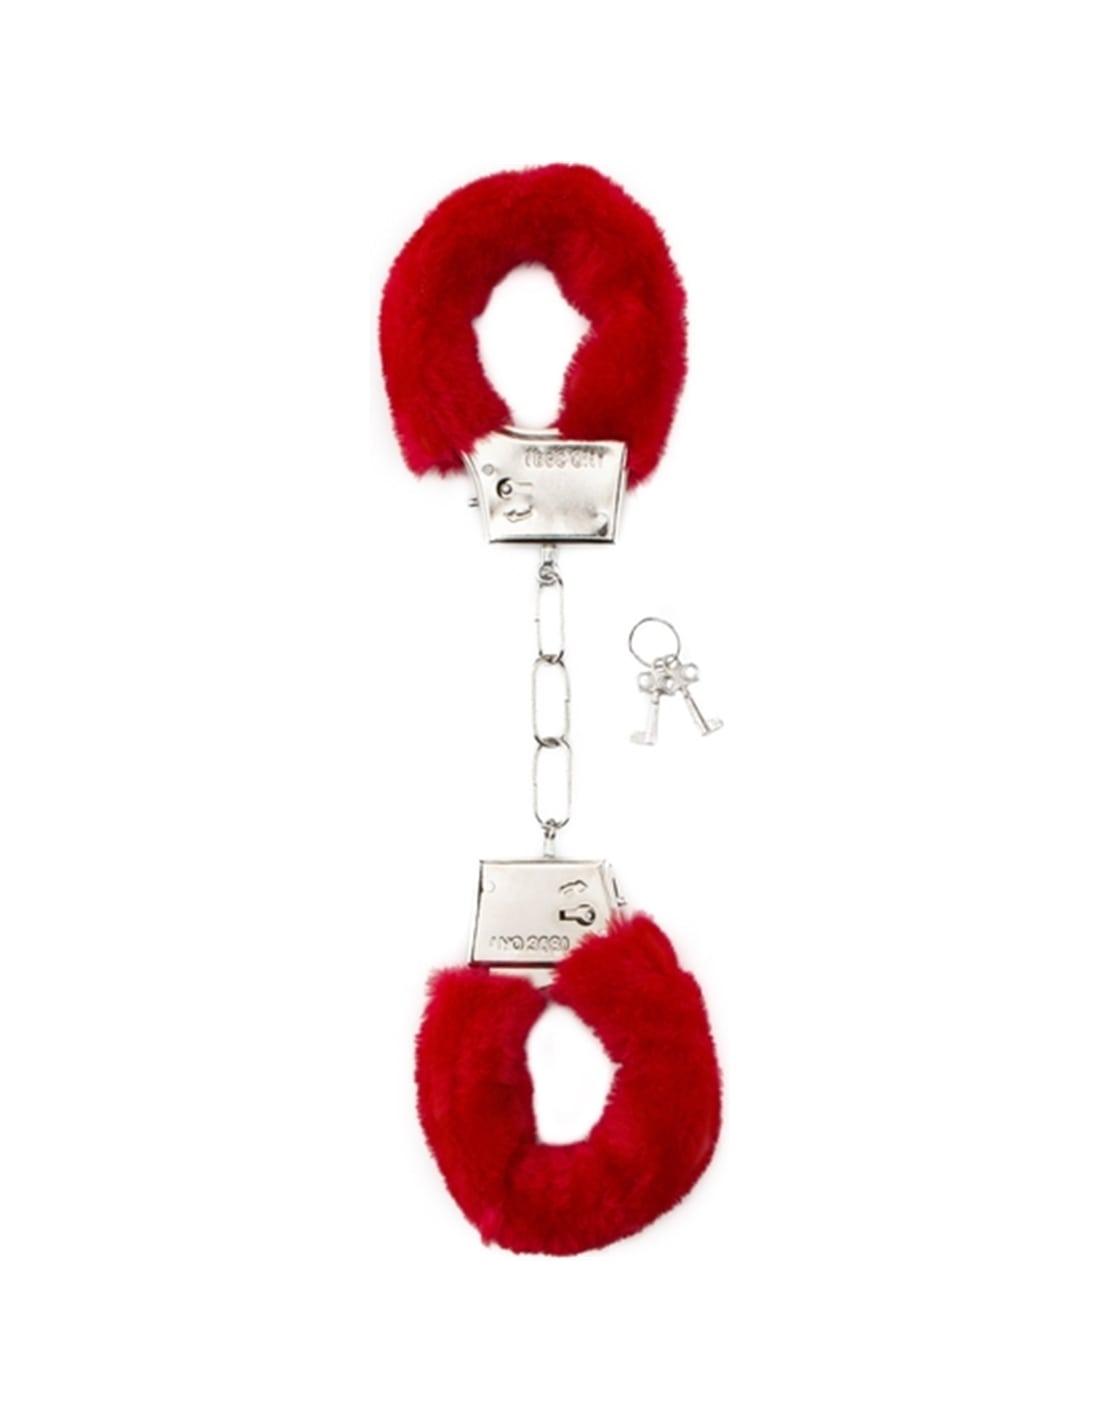 Algemas com Peluche Furry Handcuffs Vermelhas - Vermelho - PR2010328655